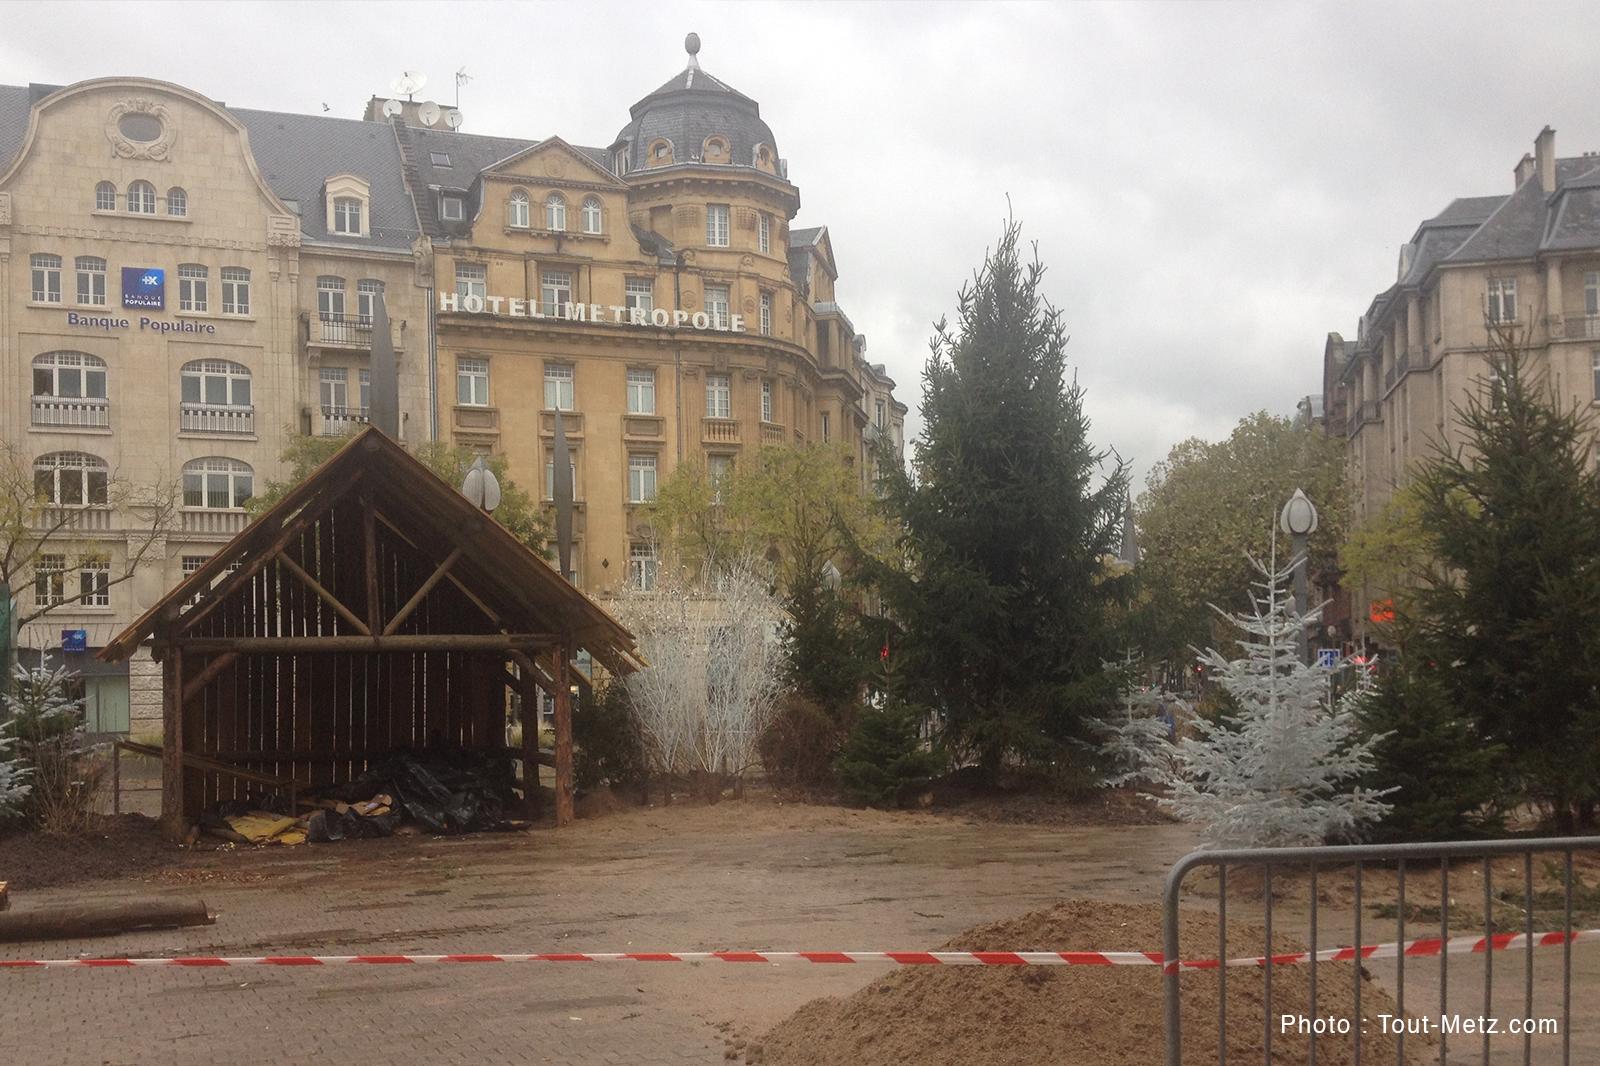 Noël à Metz : sentier des lanternes, chalets, grande roue… ça prend forme (photos)